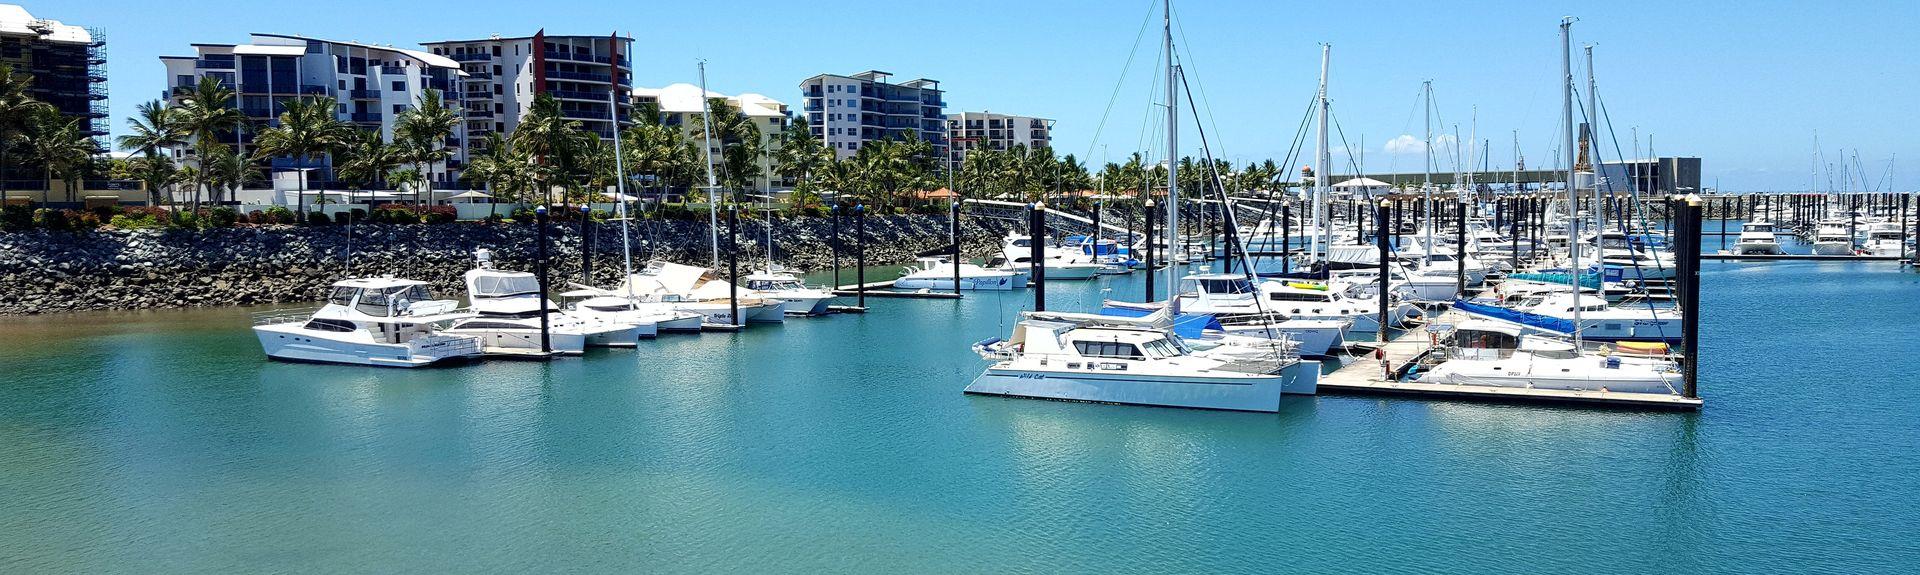 Mackay, QLD, Australia